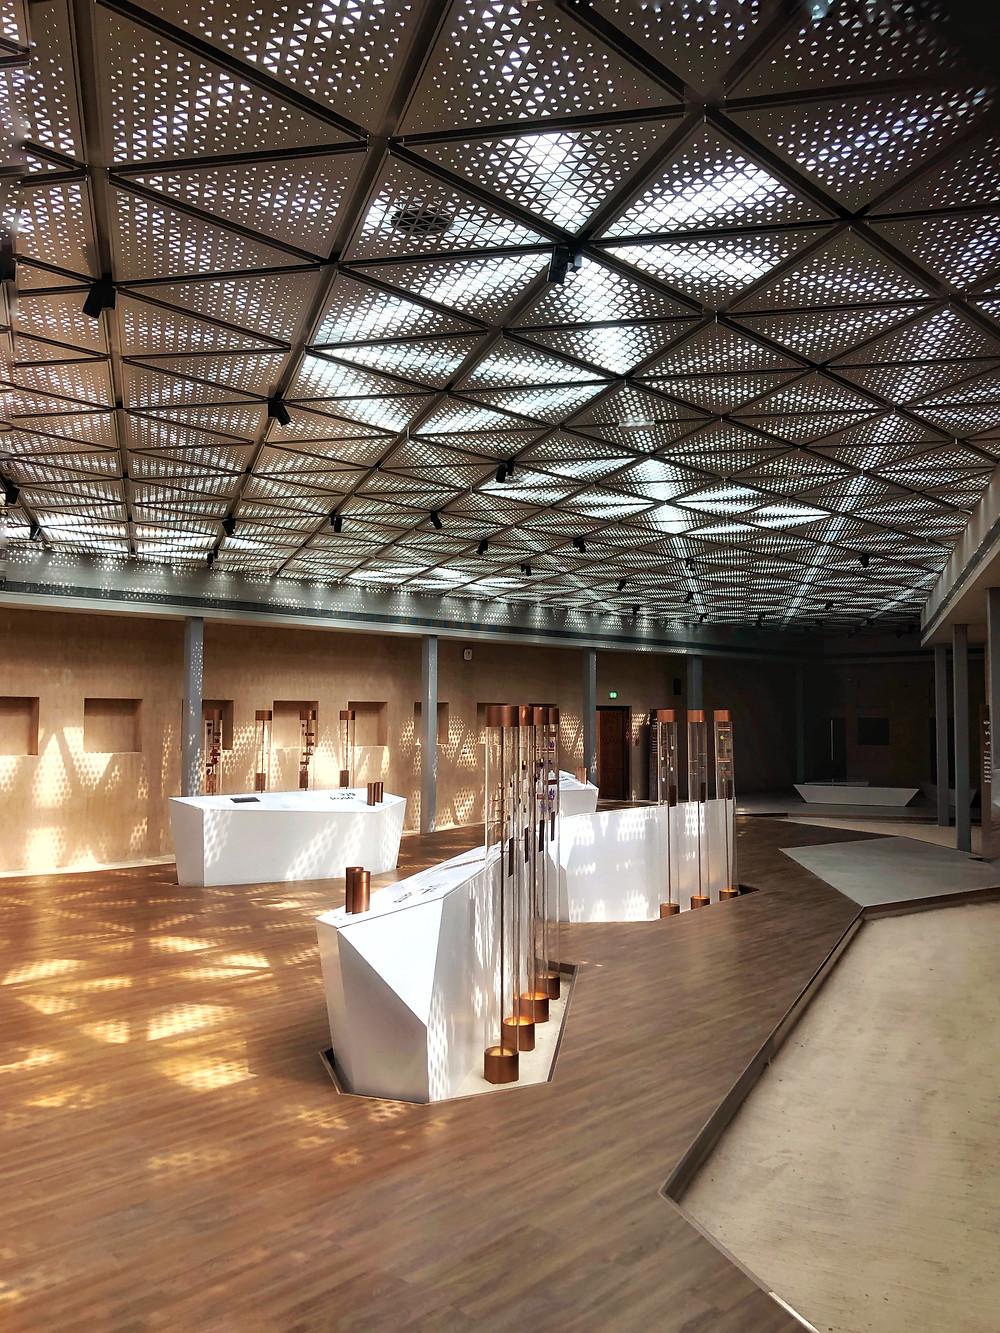 Dubai Perfume Museum